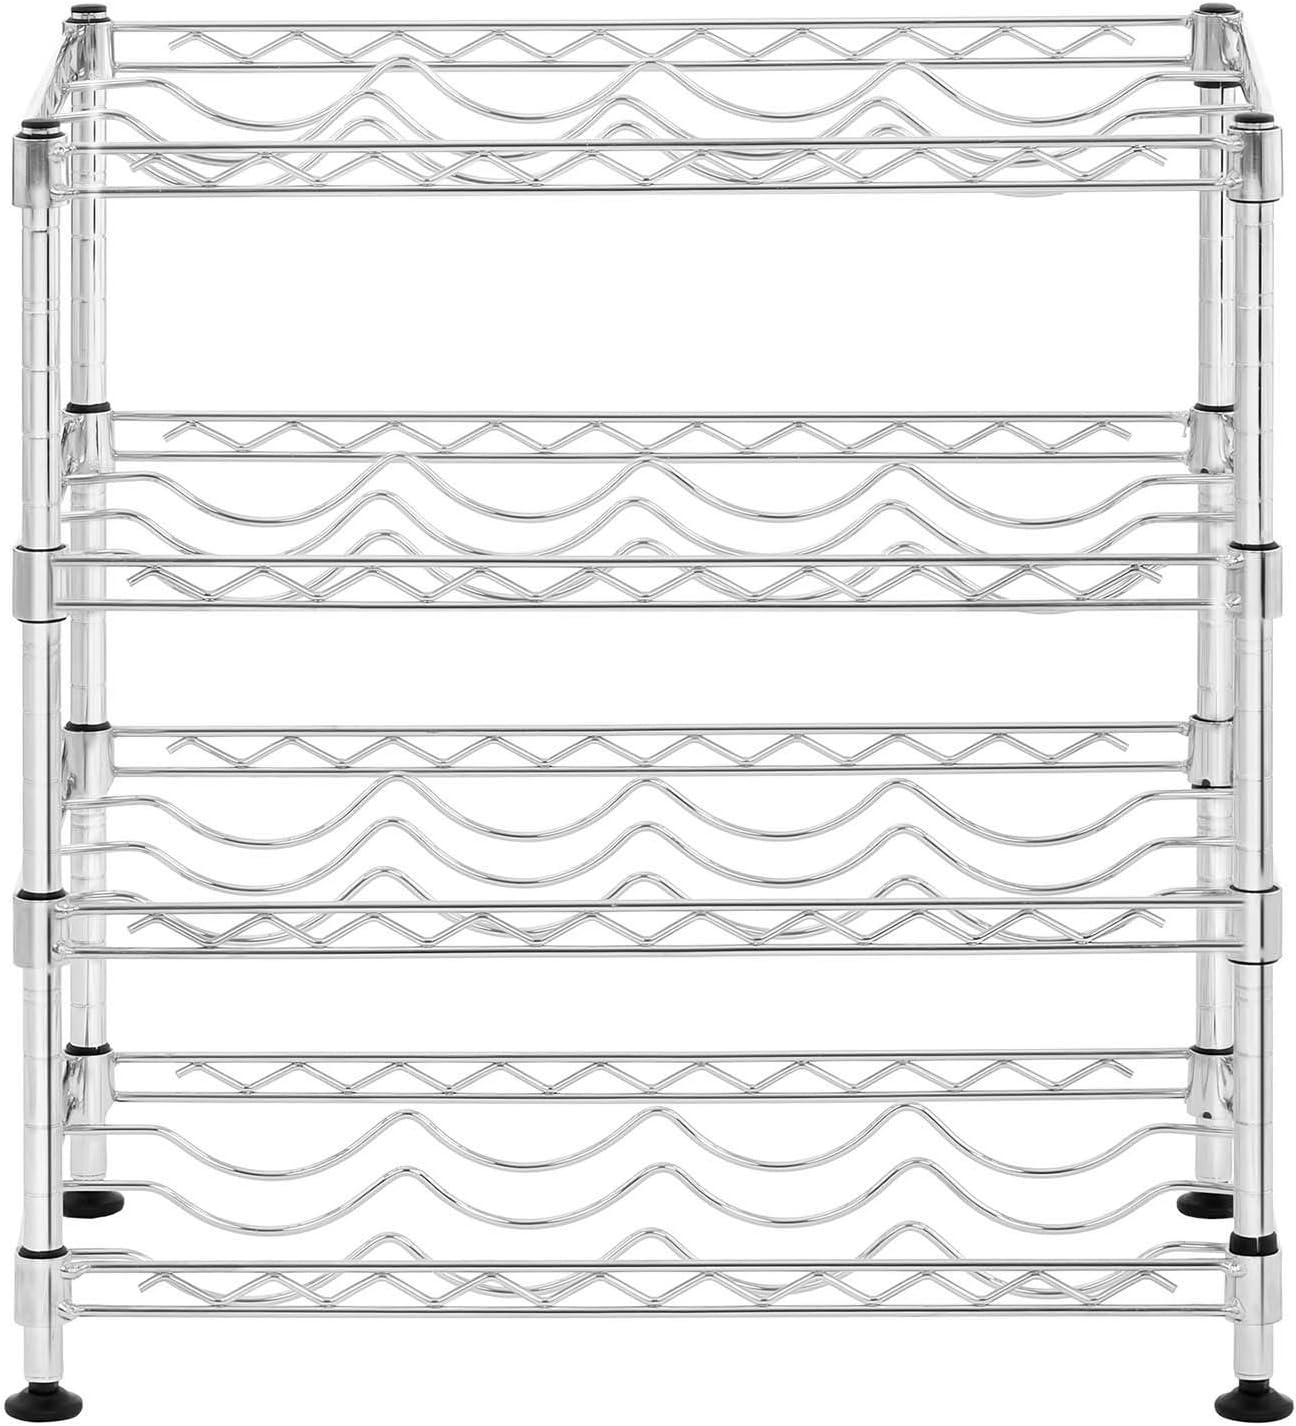 Royal Catering Range-Bouteille Casier /À Bouteilles Porte Range Bouteille /Étag/ère M/étallique Modulable Meuble Rangement Vin M/étal RCMR-470P14 45 x 30 x 45 cm, 200 kg, 4 Tablettes, Rev/êtement /Époxy